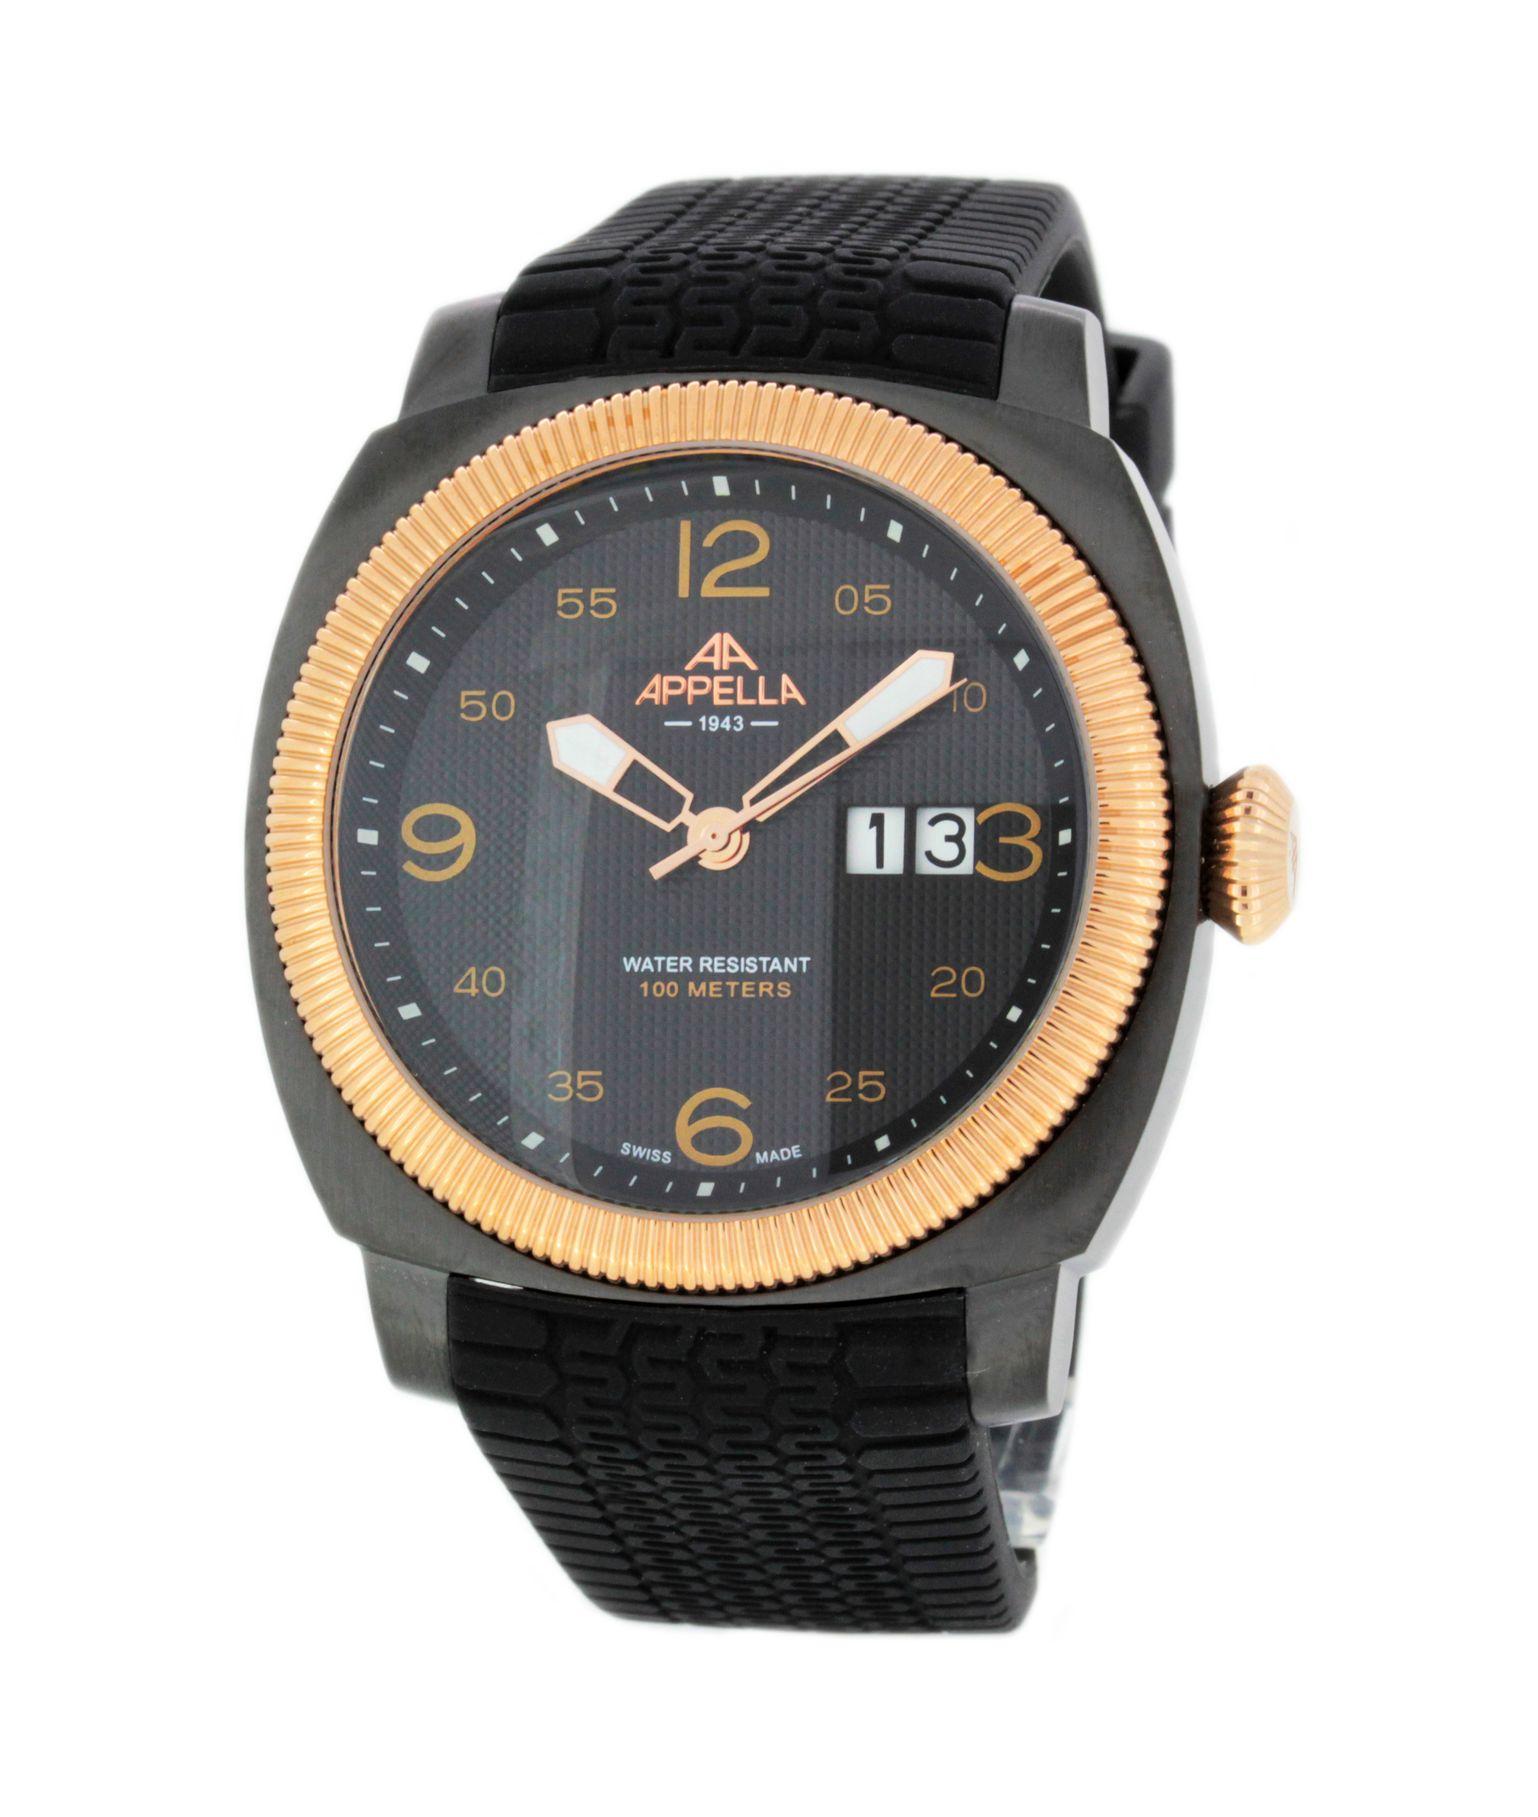 Наручные часы Appella (Аппелла) мужские, AP.4193.08.0.2.04 - Slim ... 1ffde7f0132